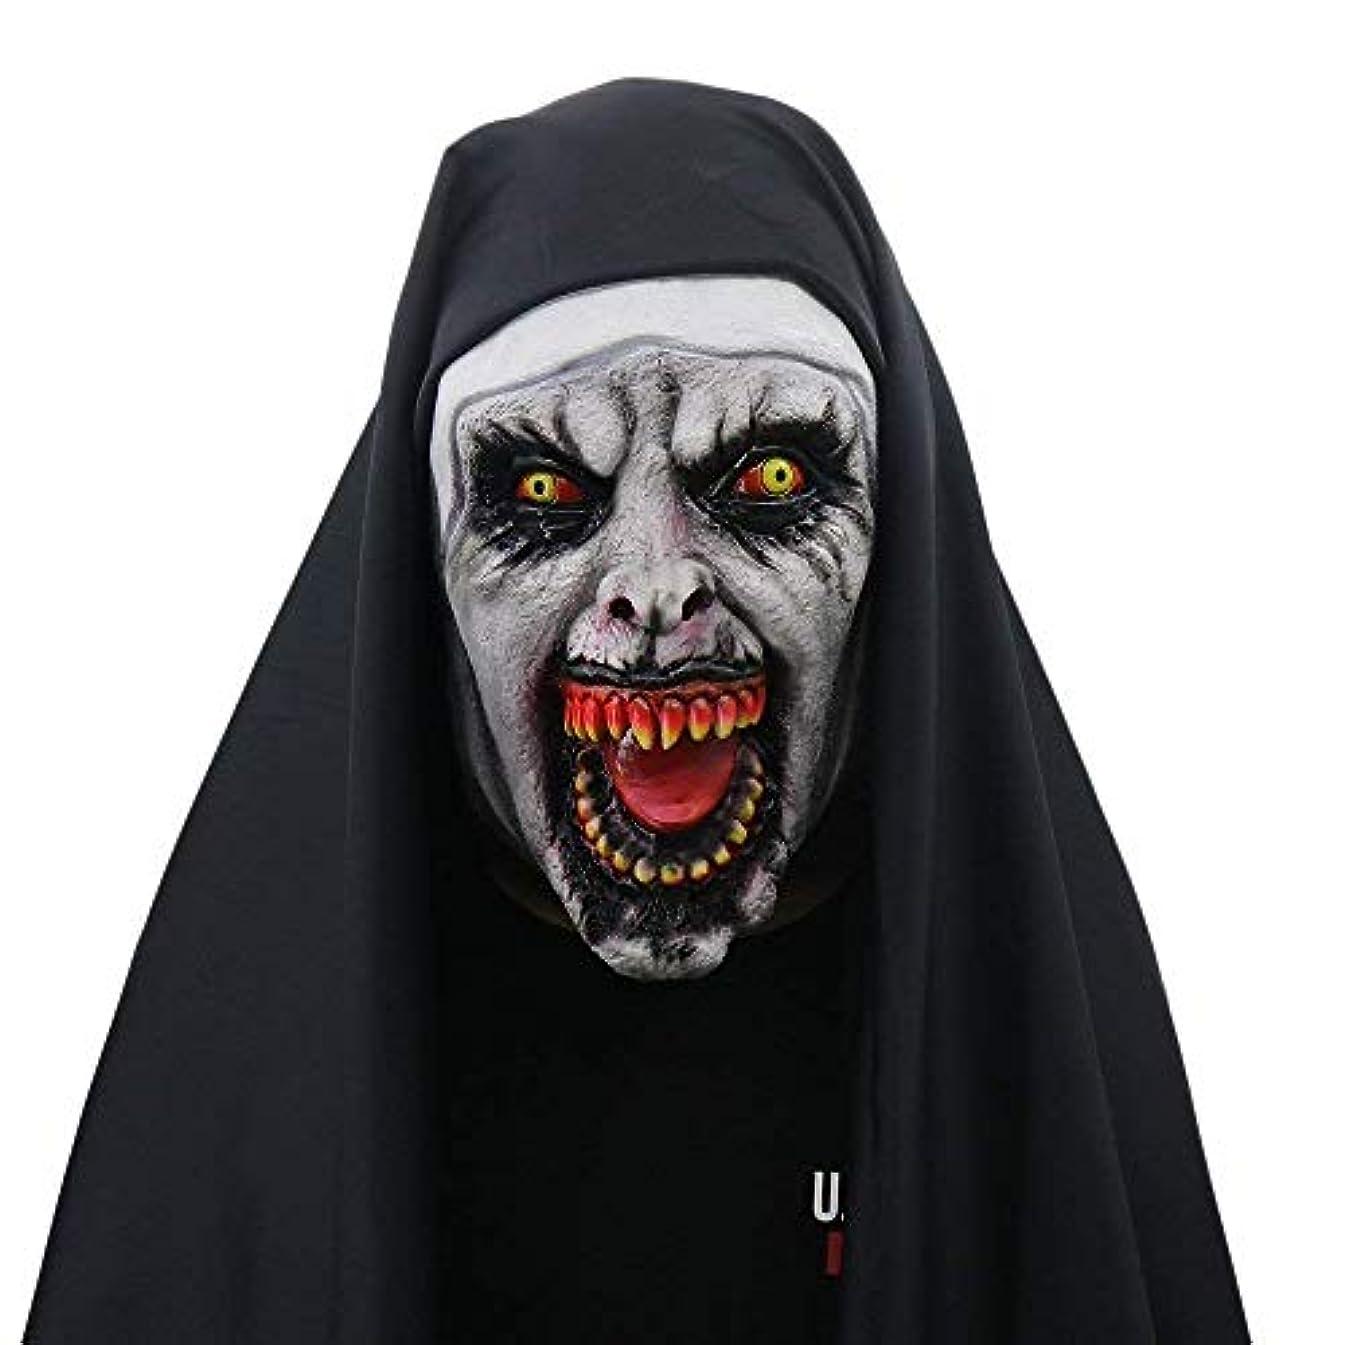 他の場所爆発通常女性のためのハロウィン修道女の衣装、修道女仮面の怖いベール